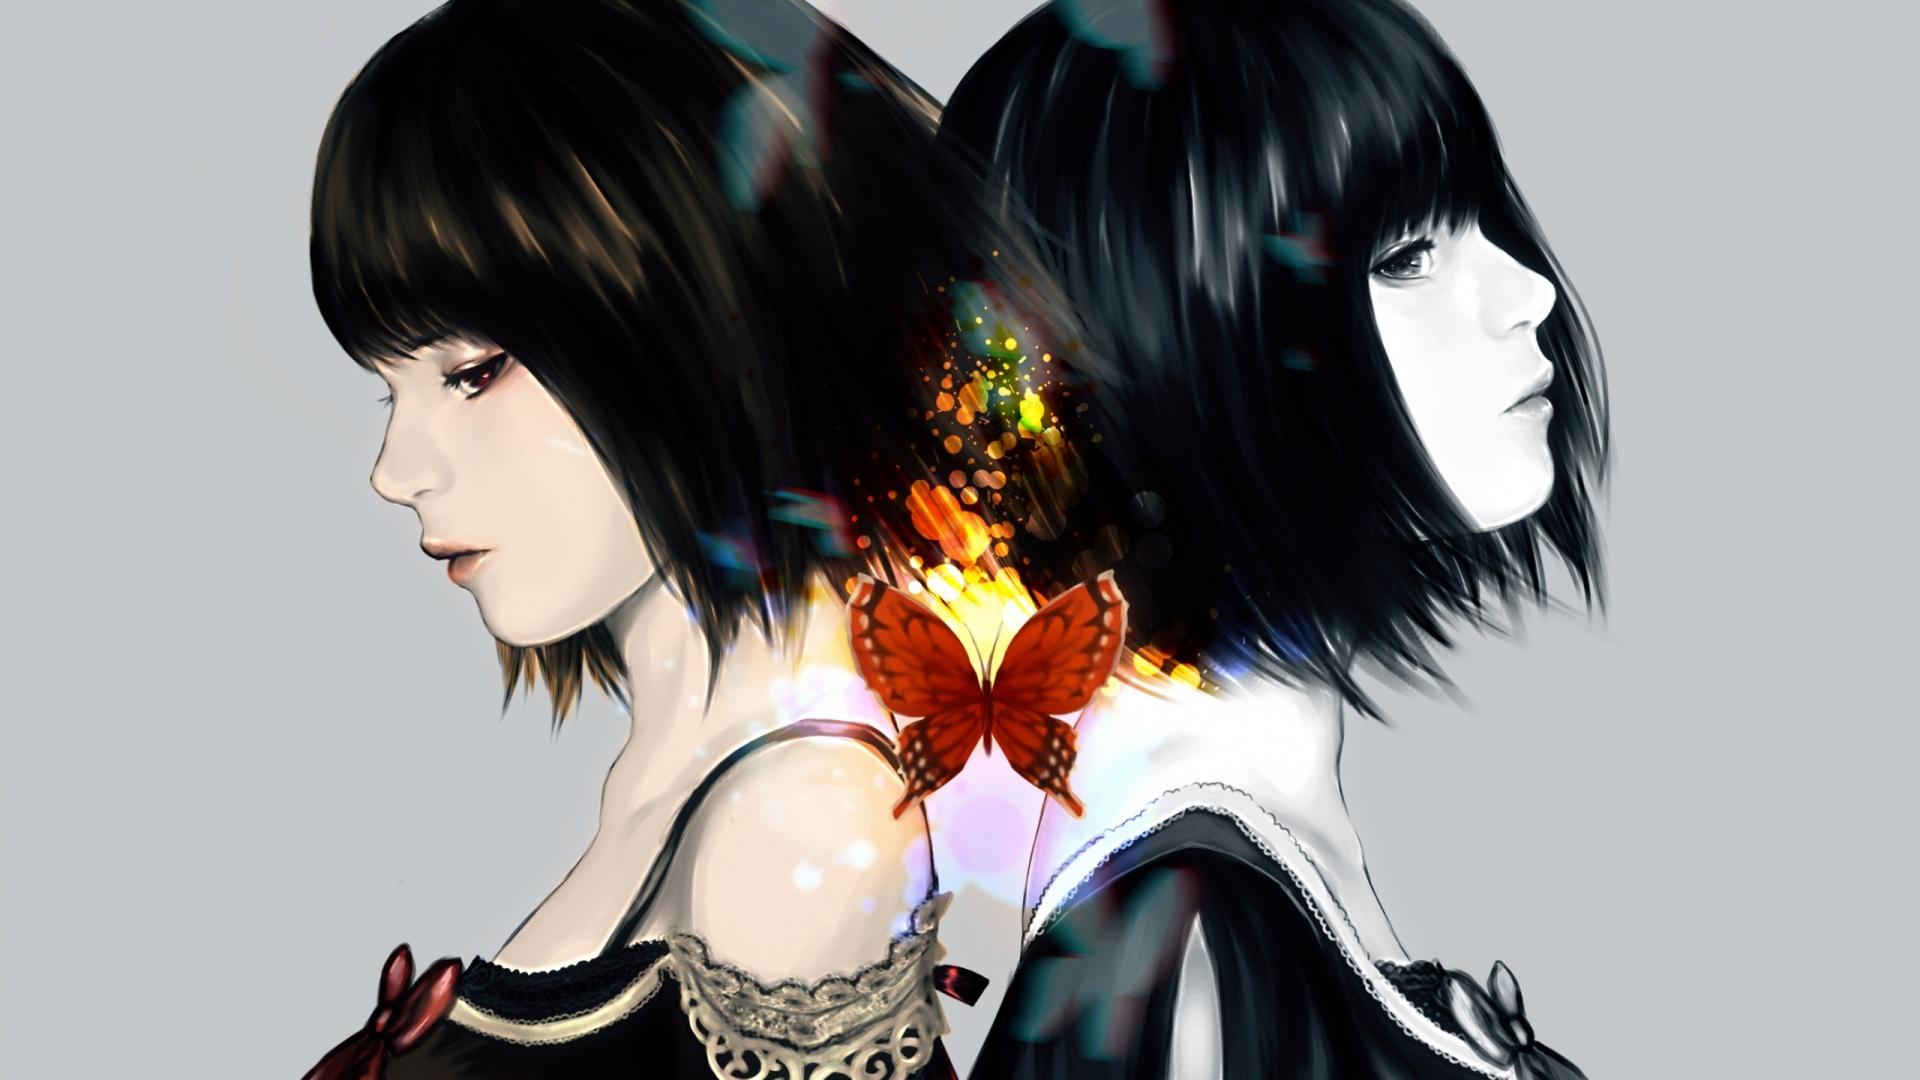 Dibujo de chicas de anime - 1920x1080